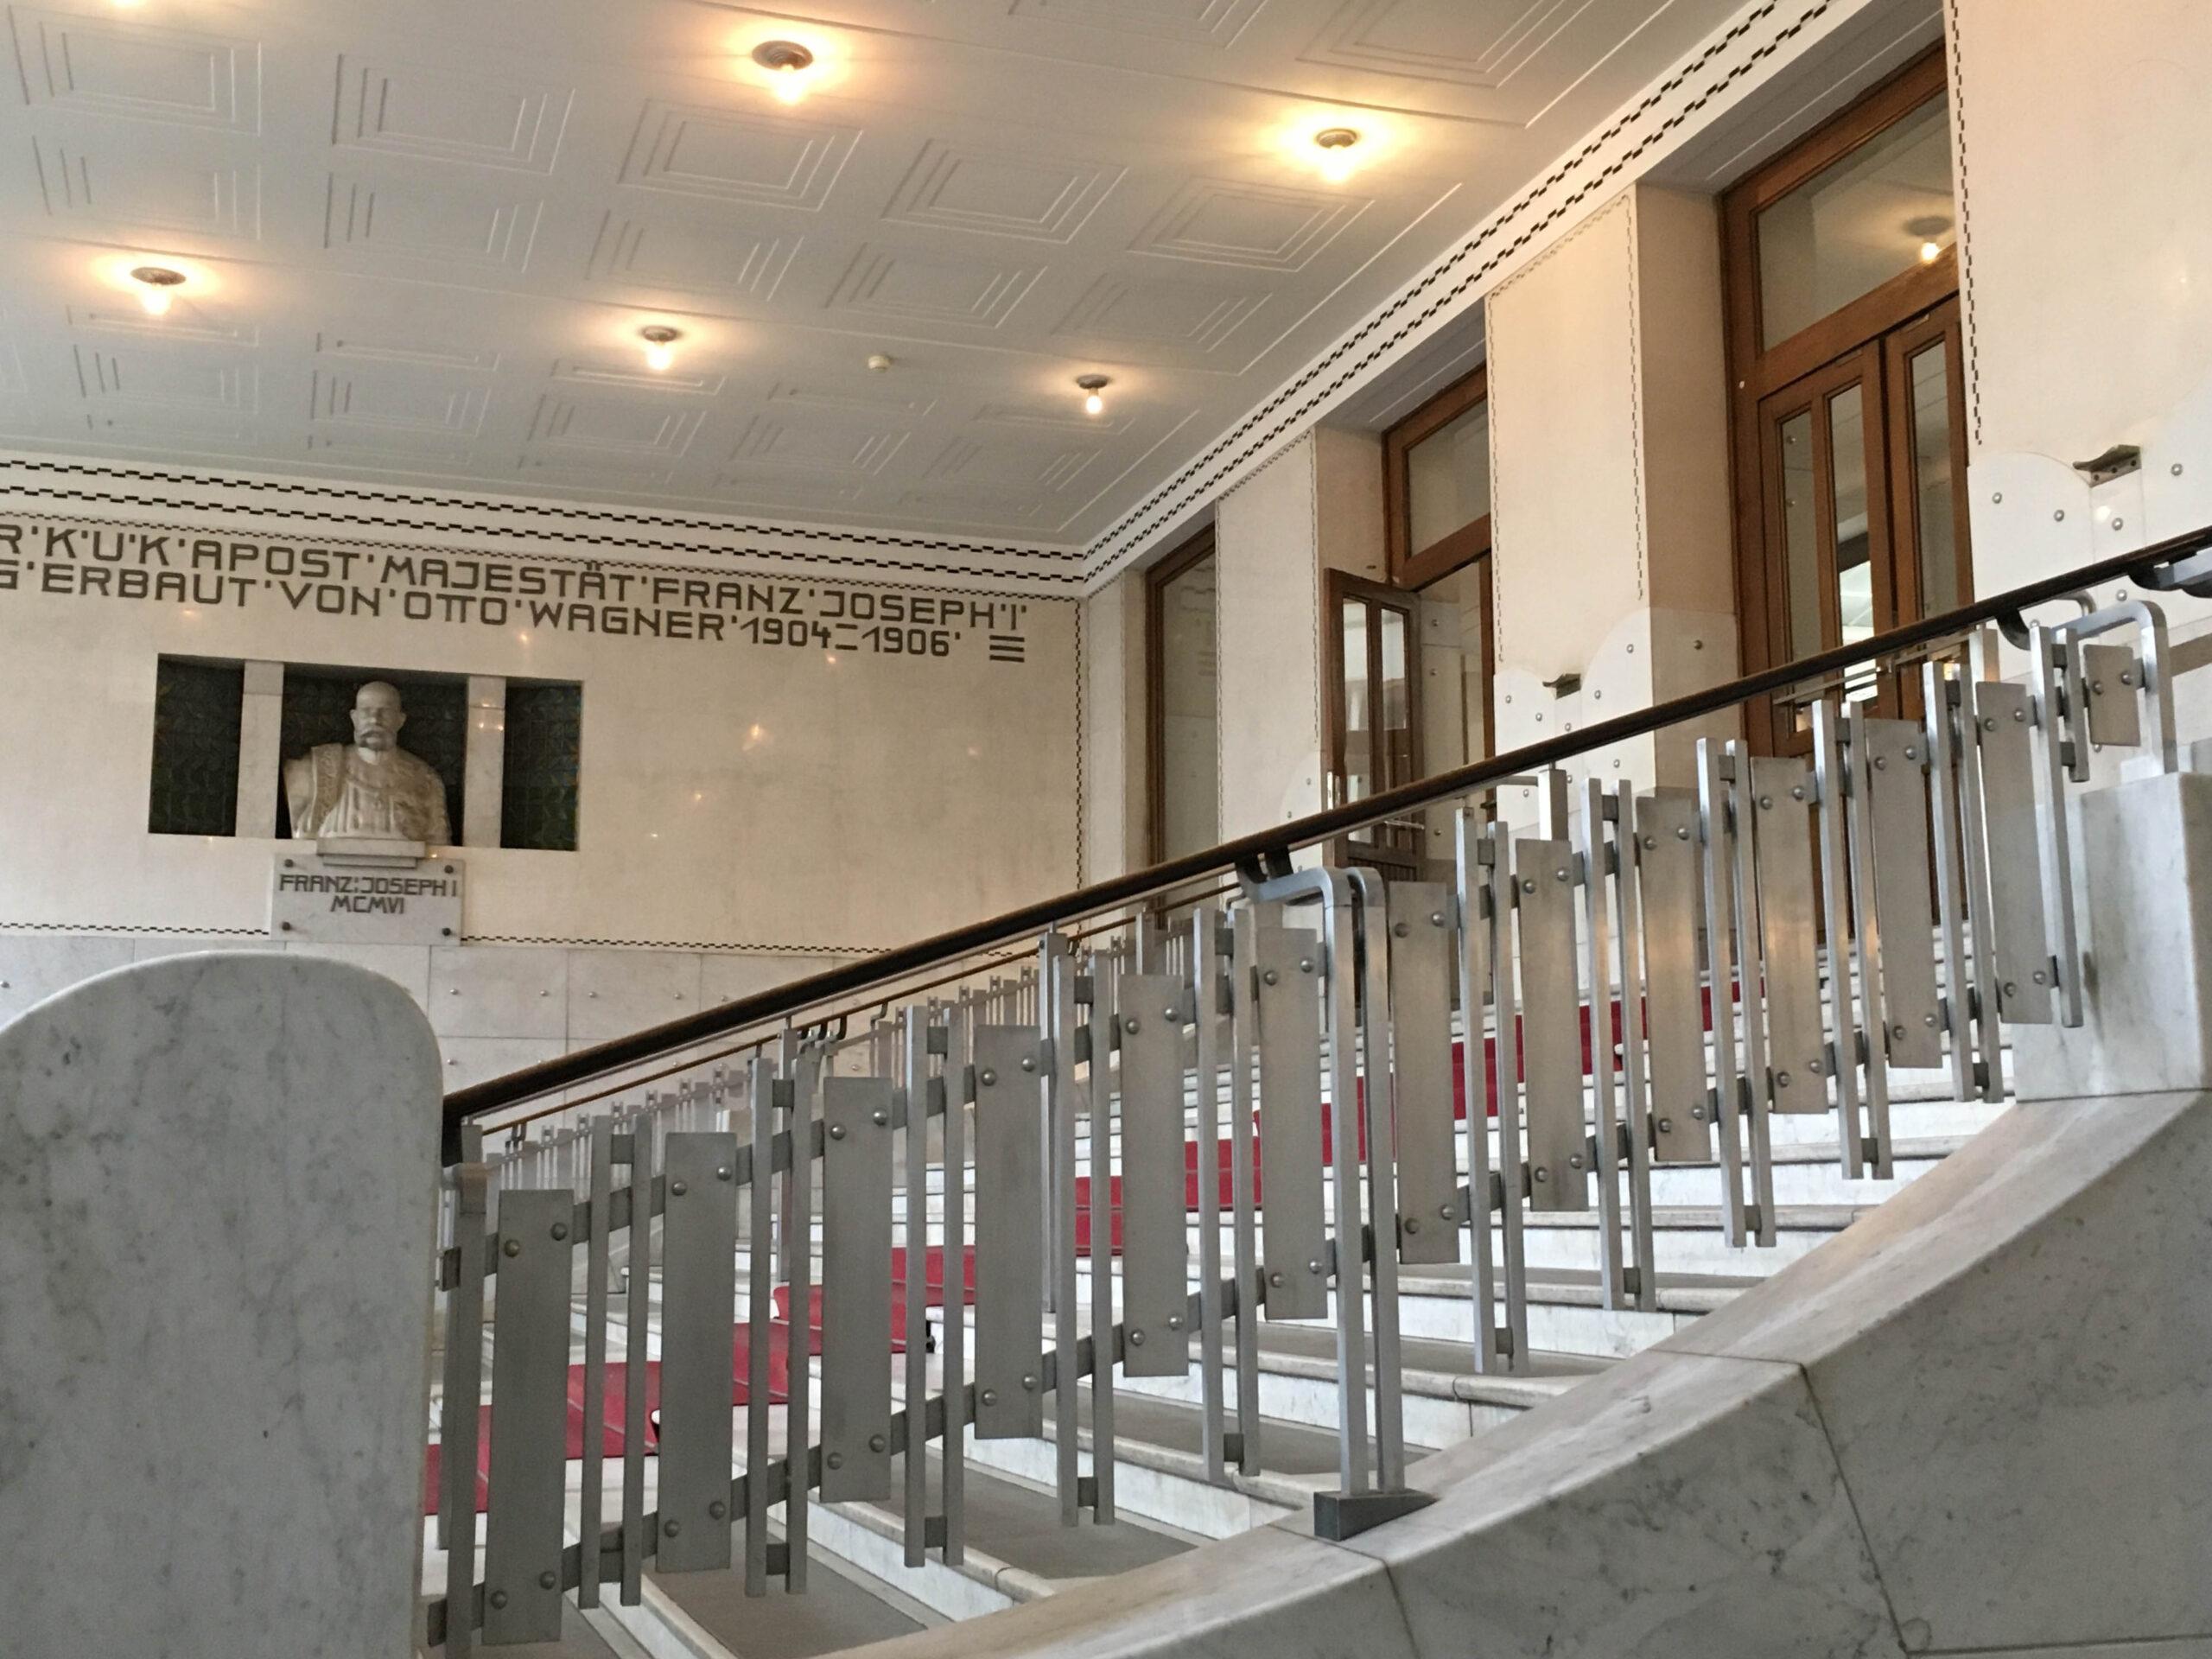 Postal Savings Bank, 1904-1912. Architect: Otto Wagner